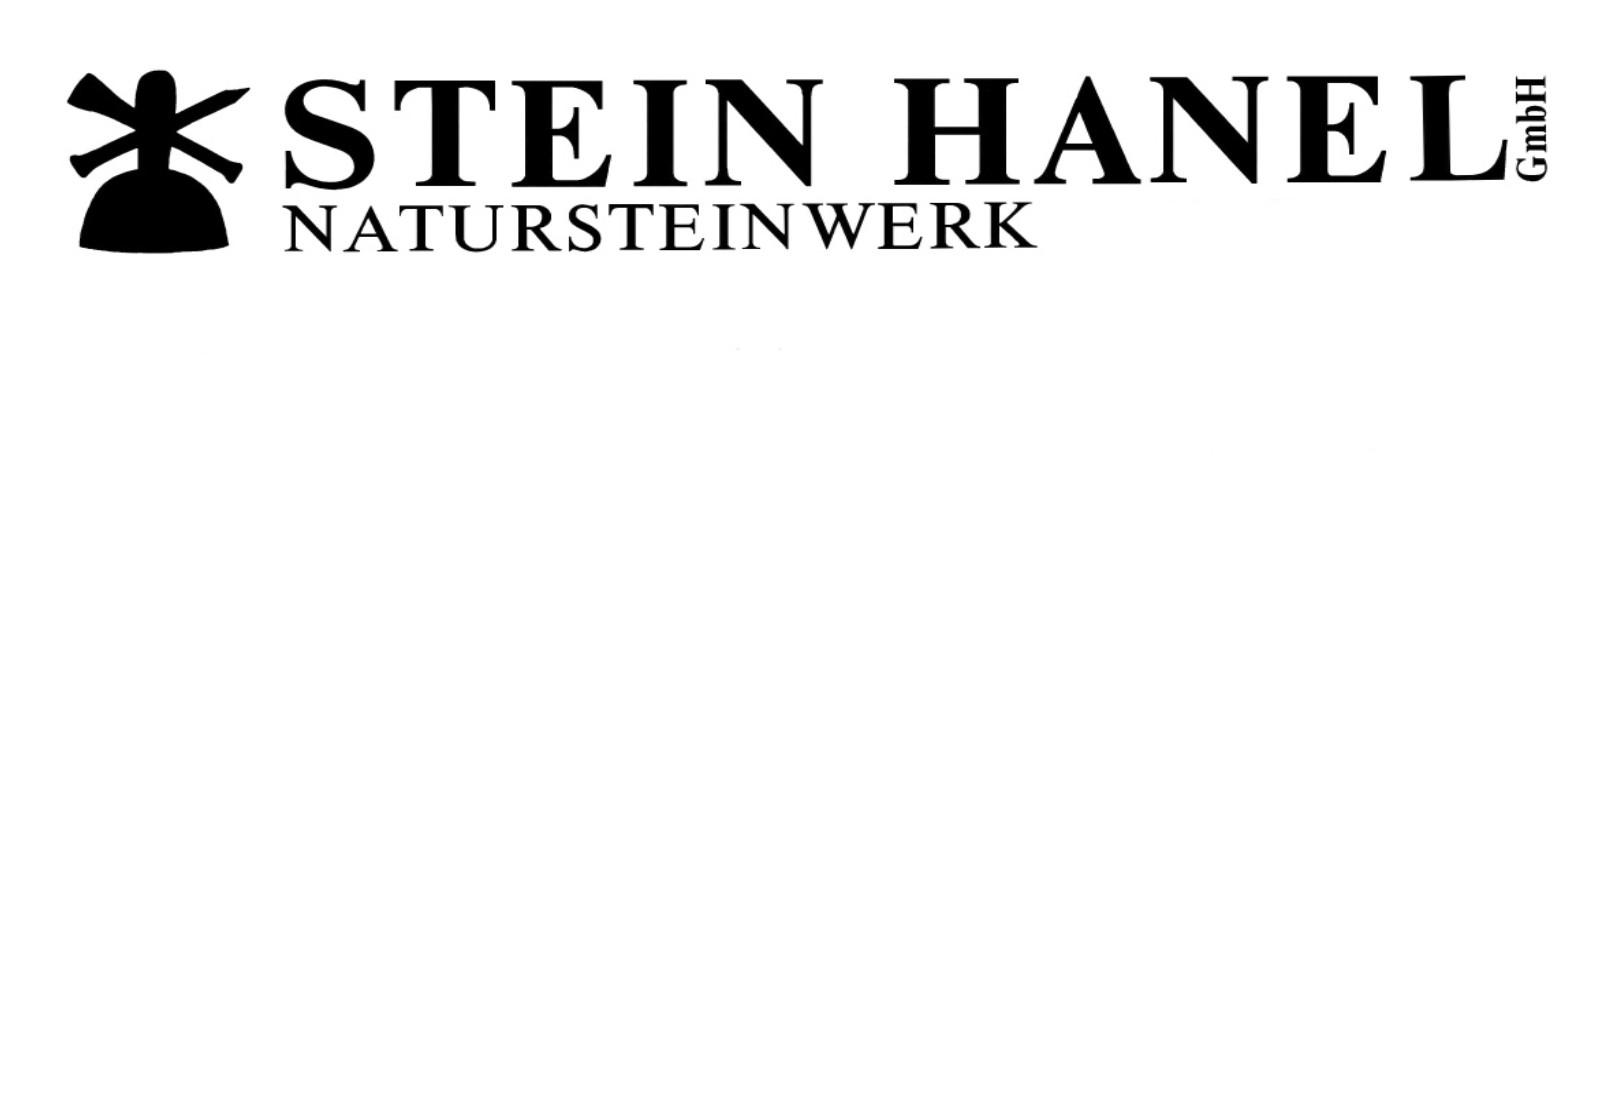 STein Hanel